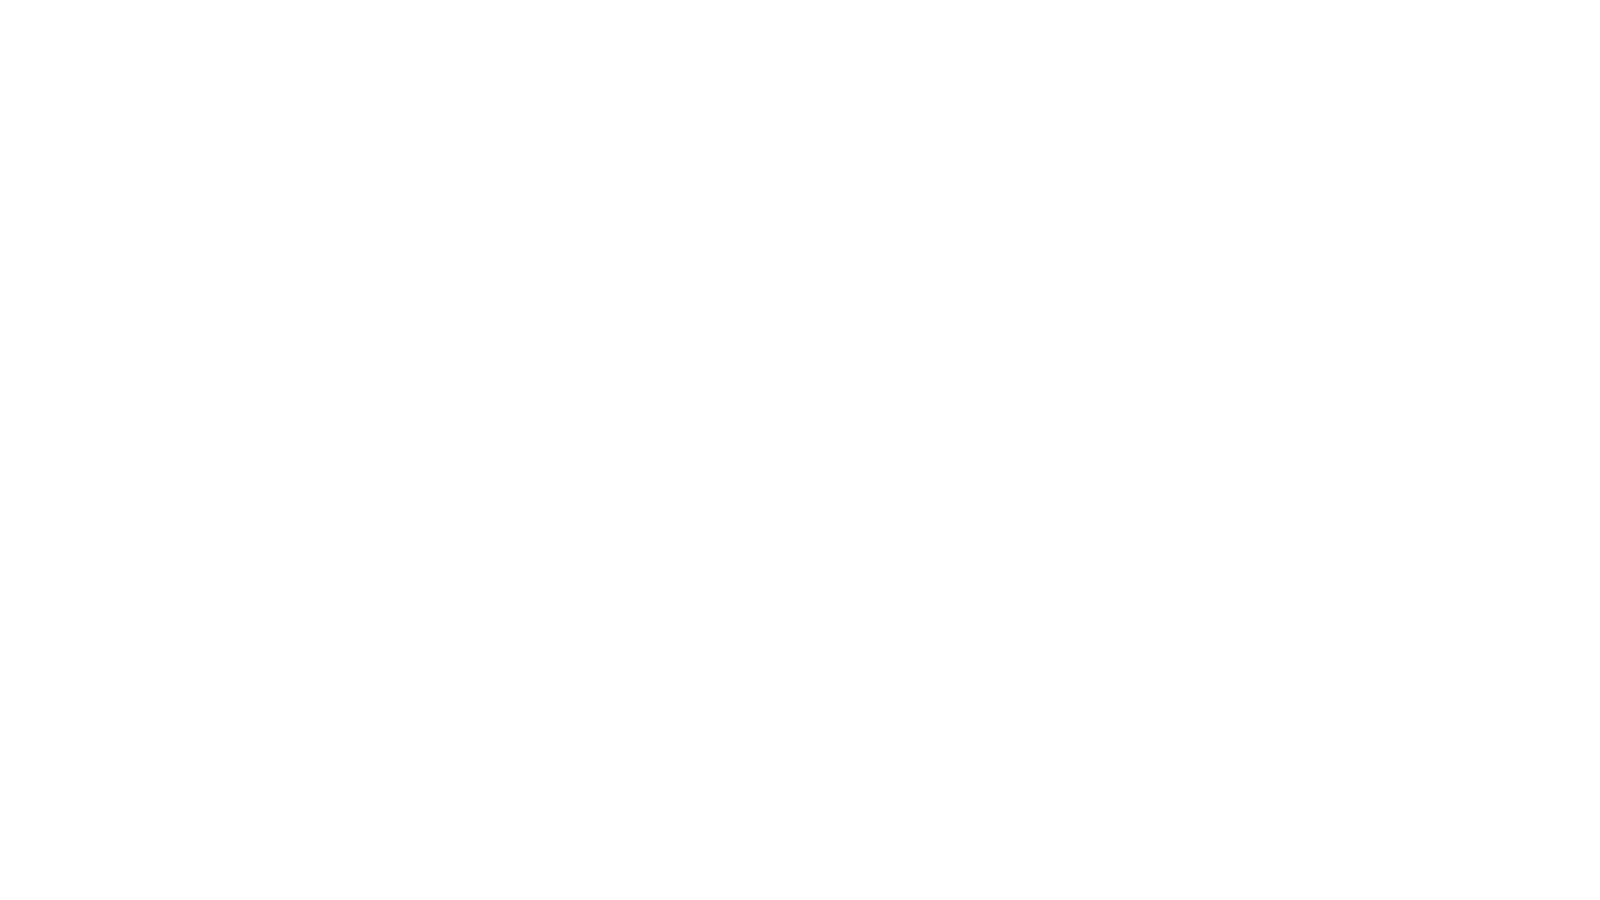 CoviDDD-19: Experimentos desde el confinamiento. 01/07/2020  https://dddivulgar.com/